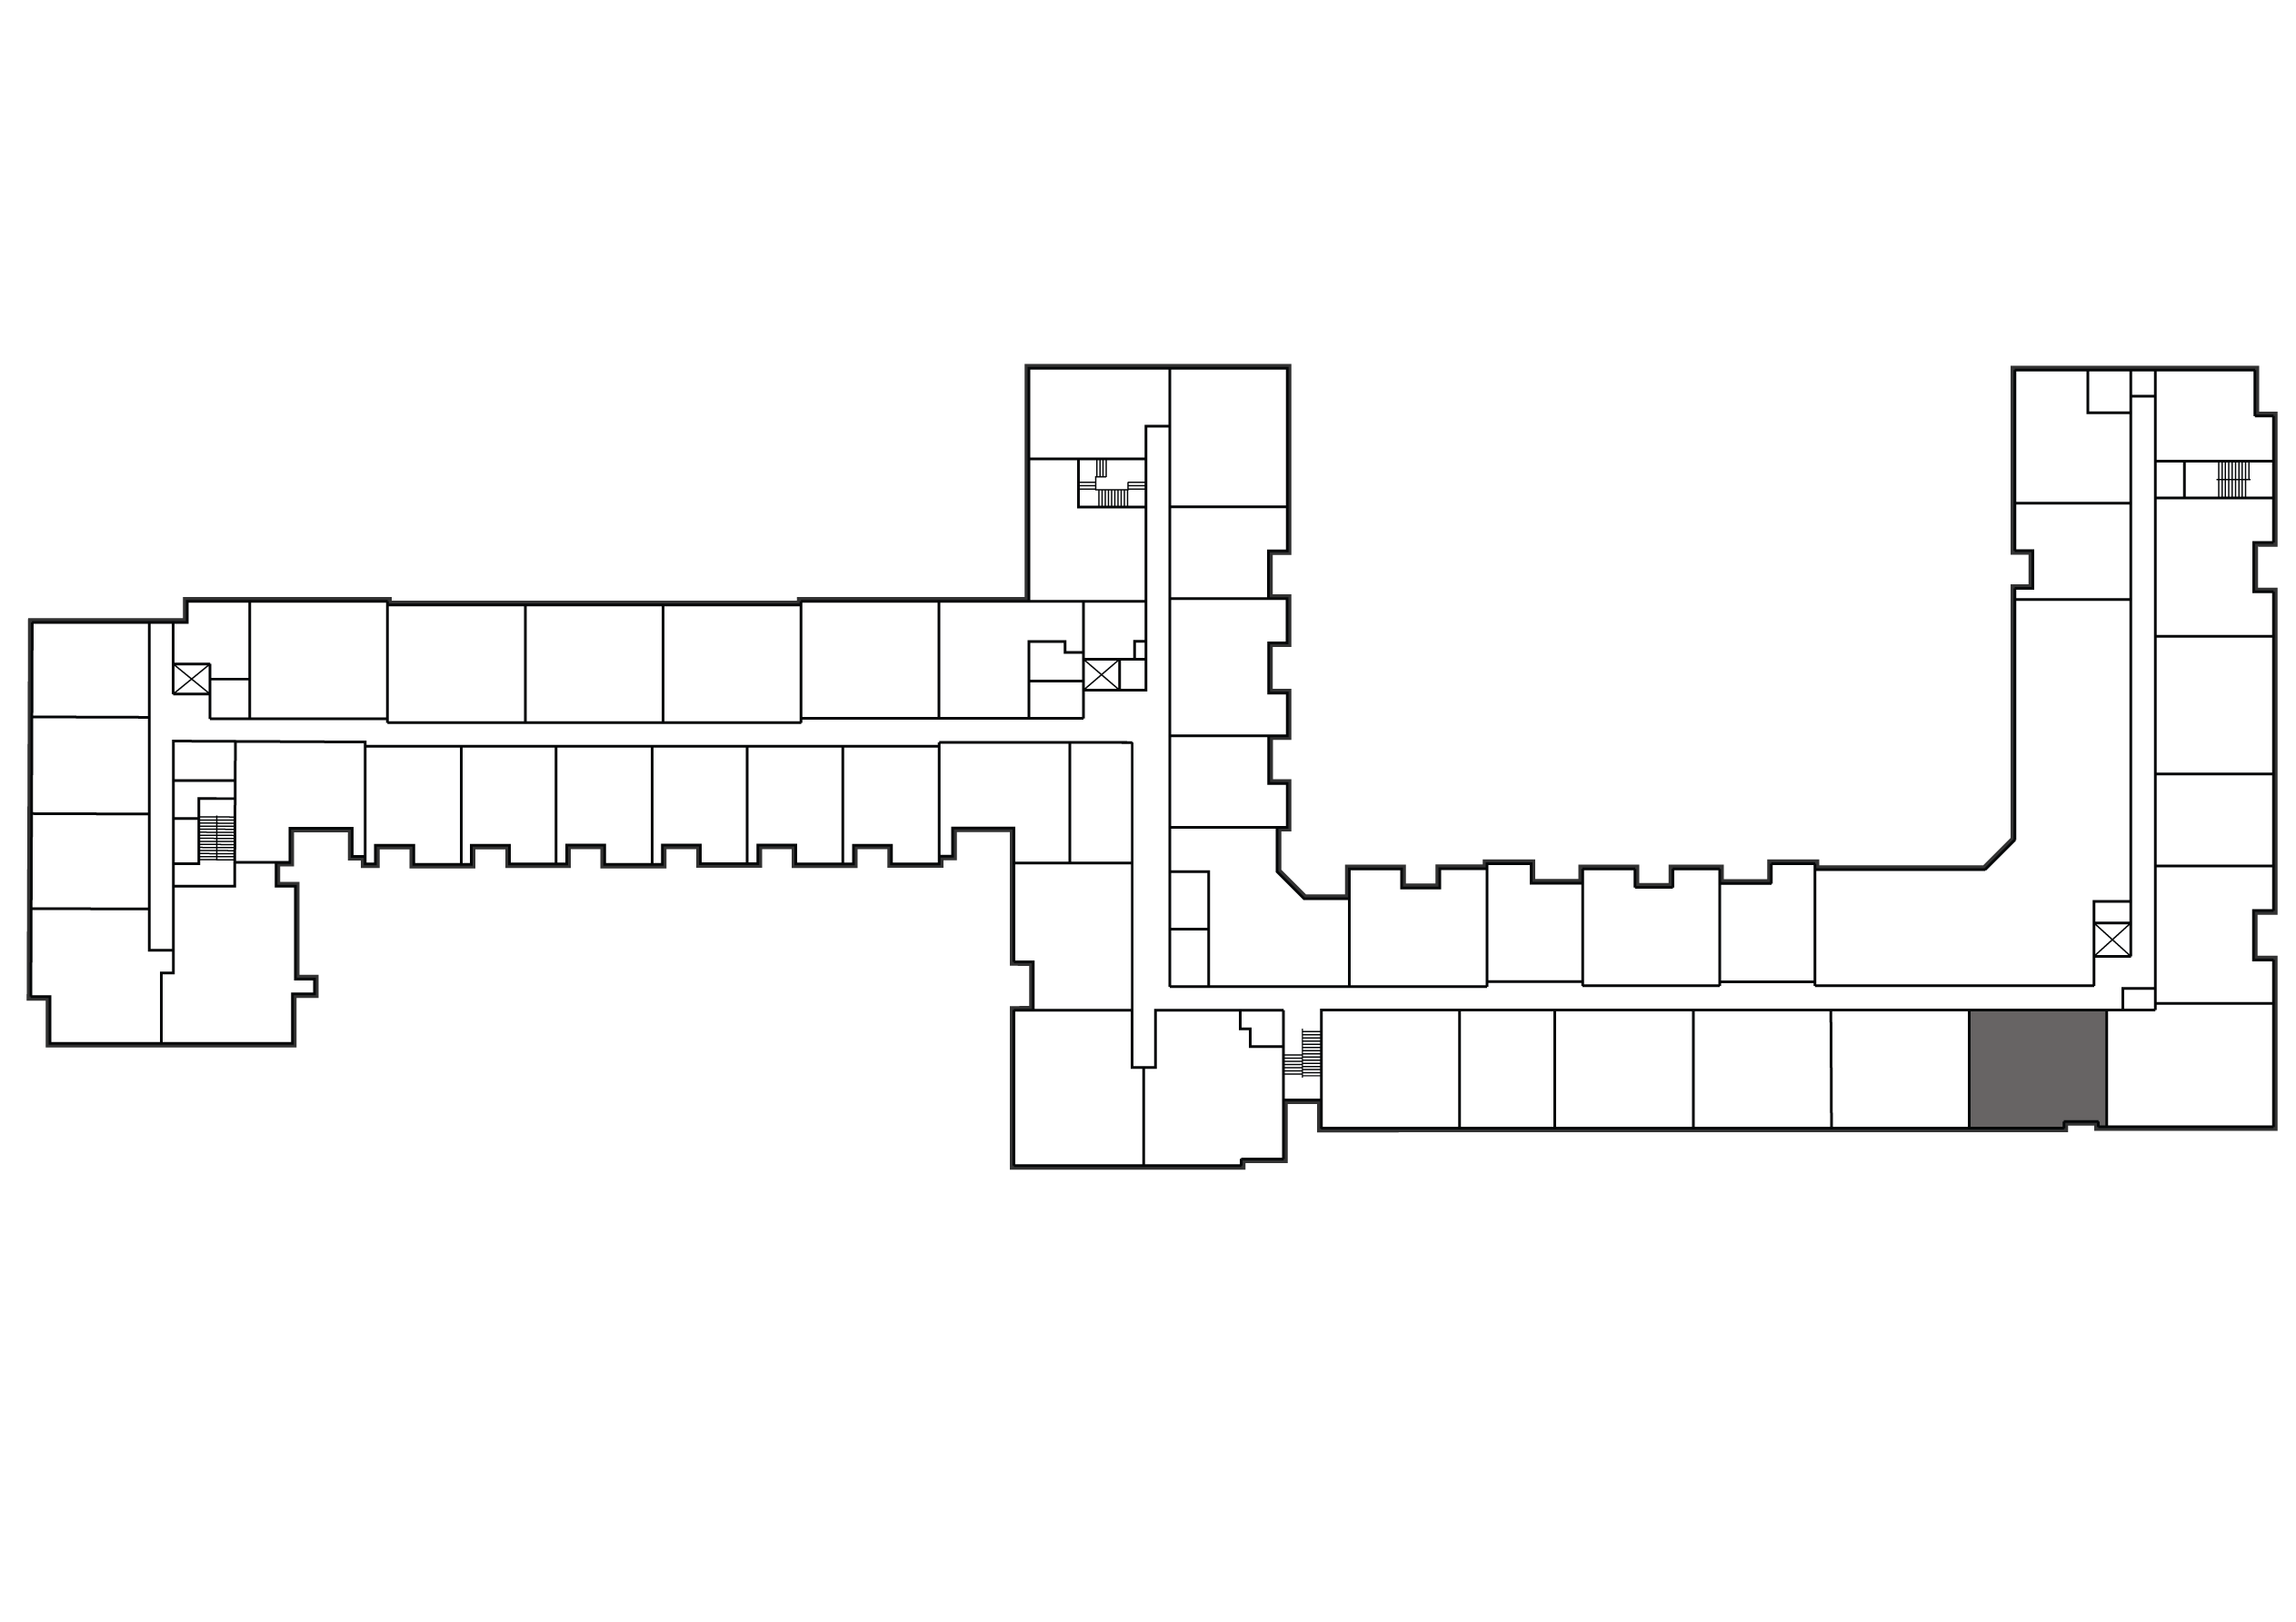 Unit 1239 keyplan